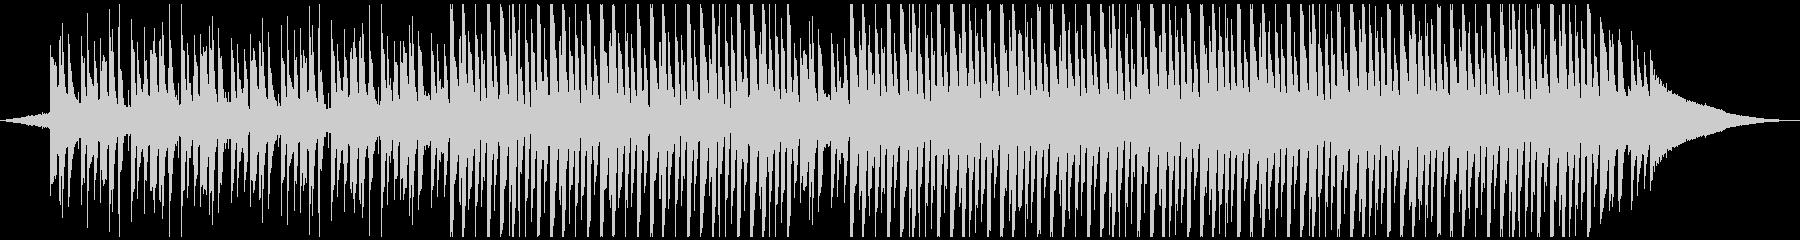 アップビートコーポレート(ショート)の未再生の波形